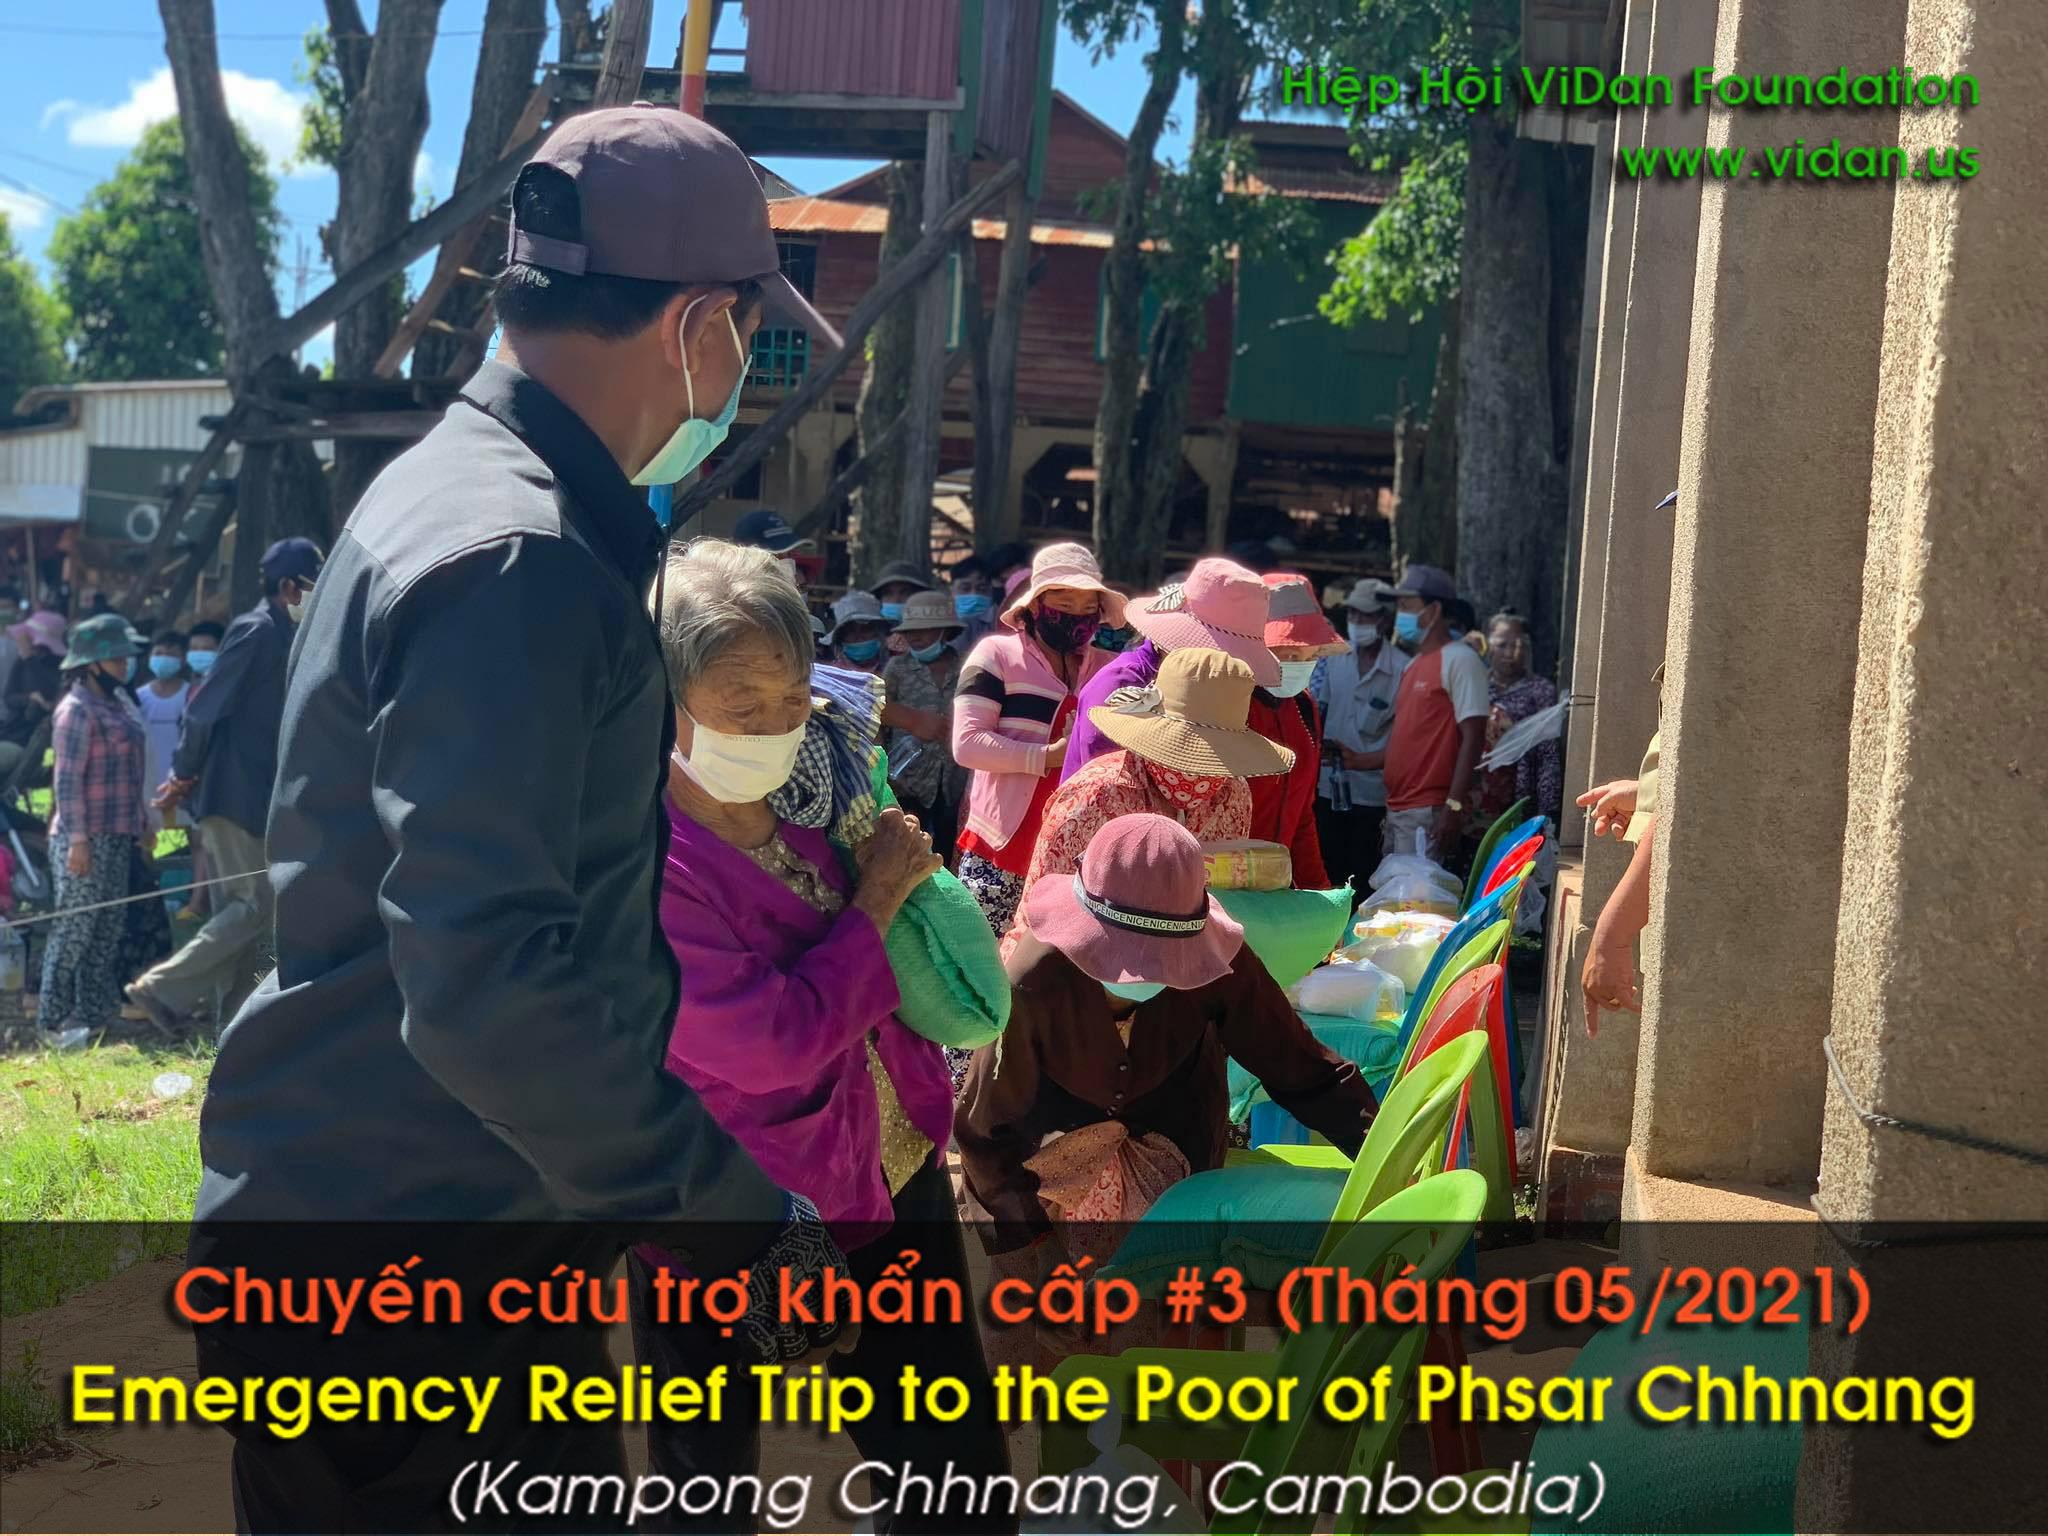 Hình ảnh chuyến cứu trợ ở vùng Phsar Chhnang